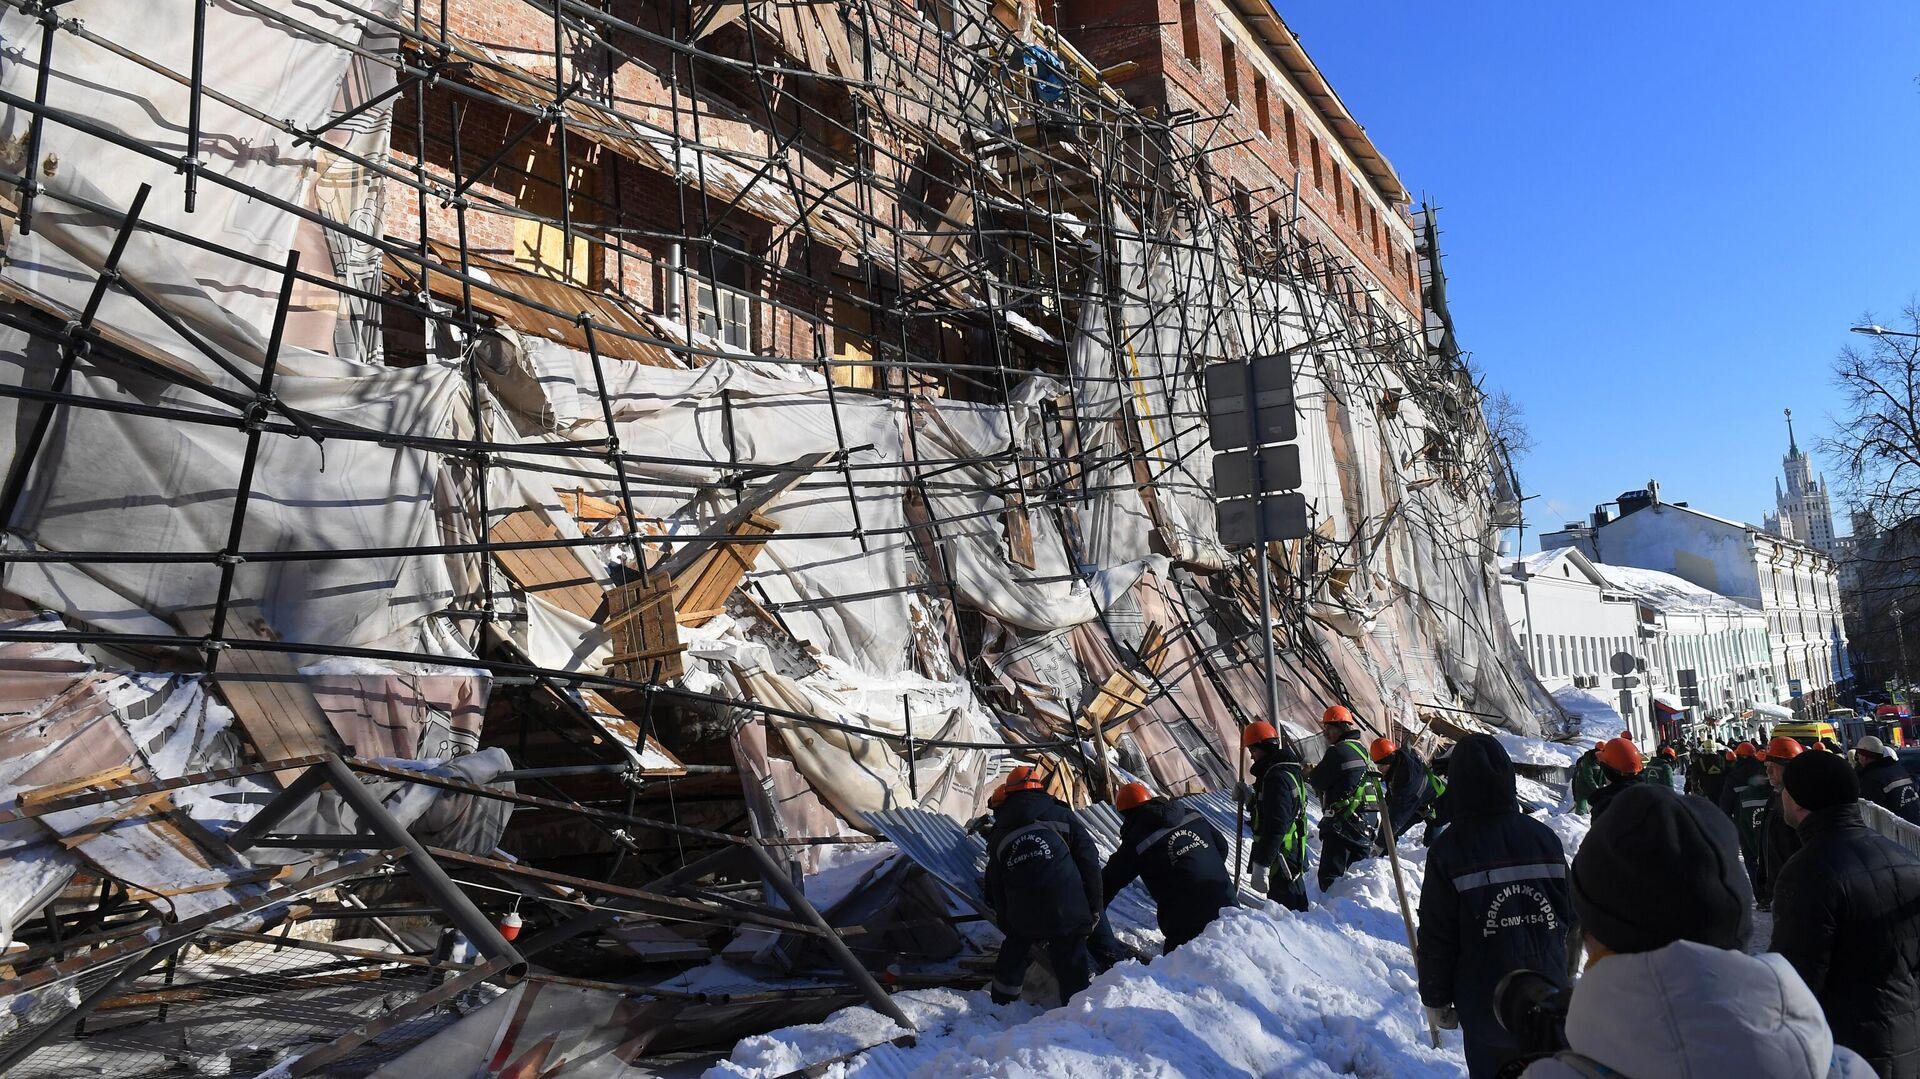 Последствия обрушения строительных лесов на Лубянском проезде в Москве - РИА Новости, 1920, 15.02.2021